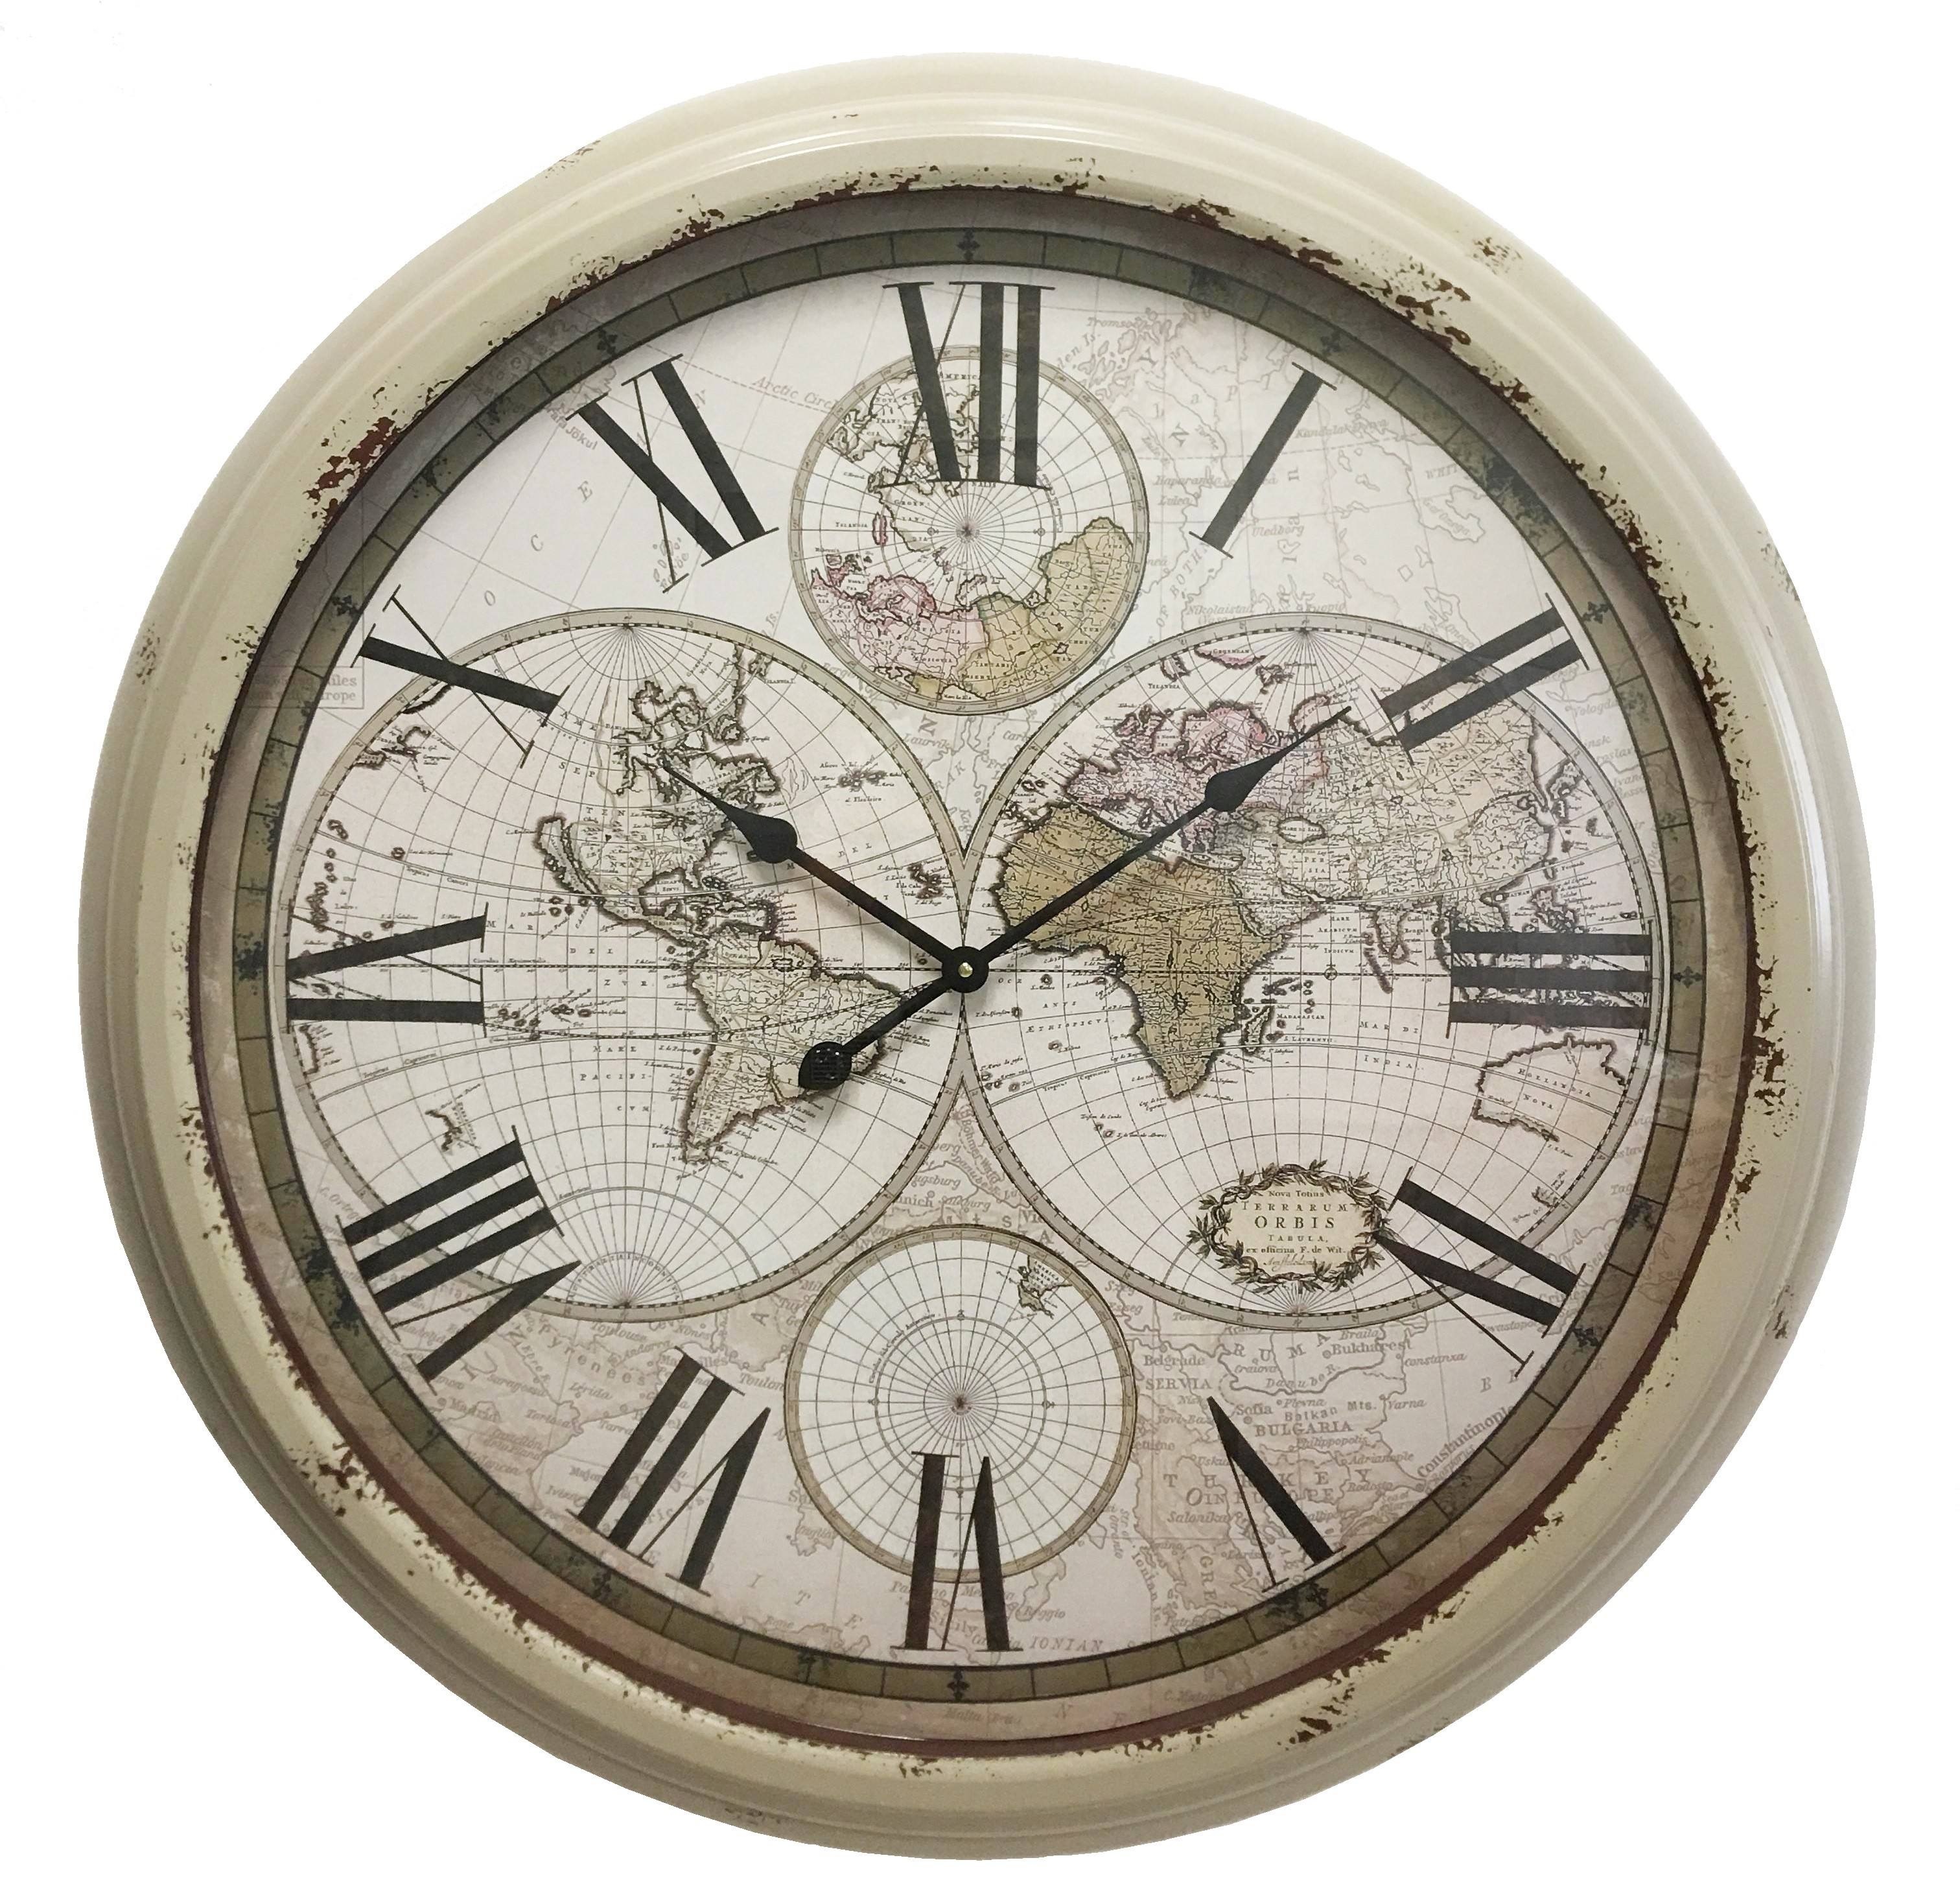 horloge géante murale en fer avec vitre en verre jolie pendule